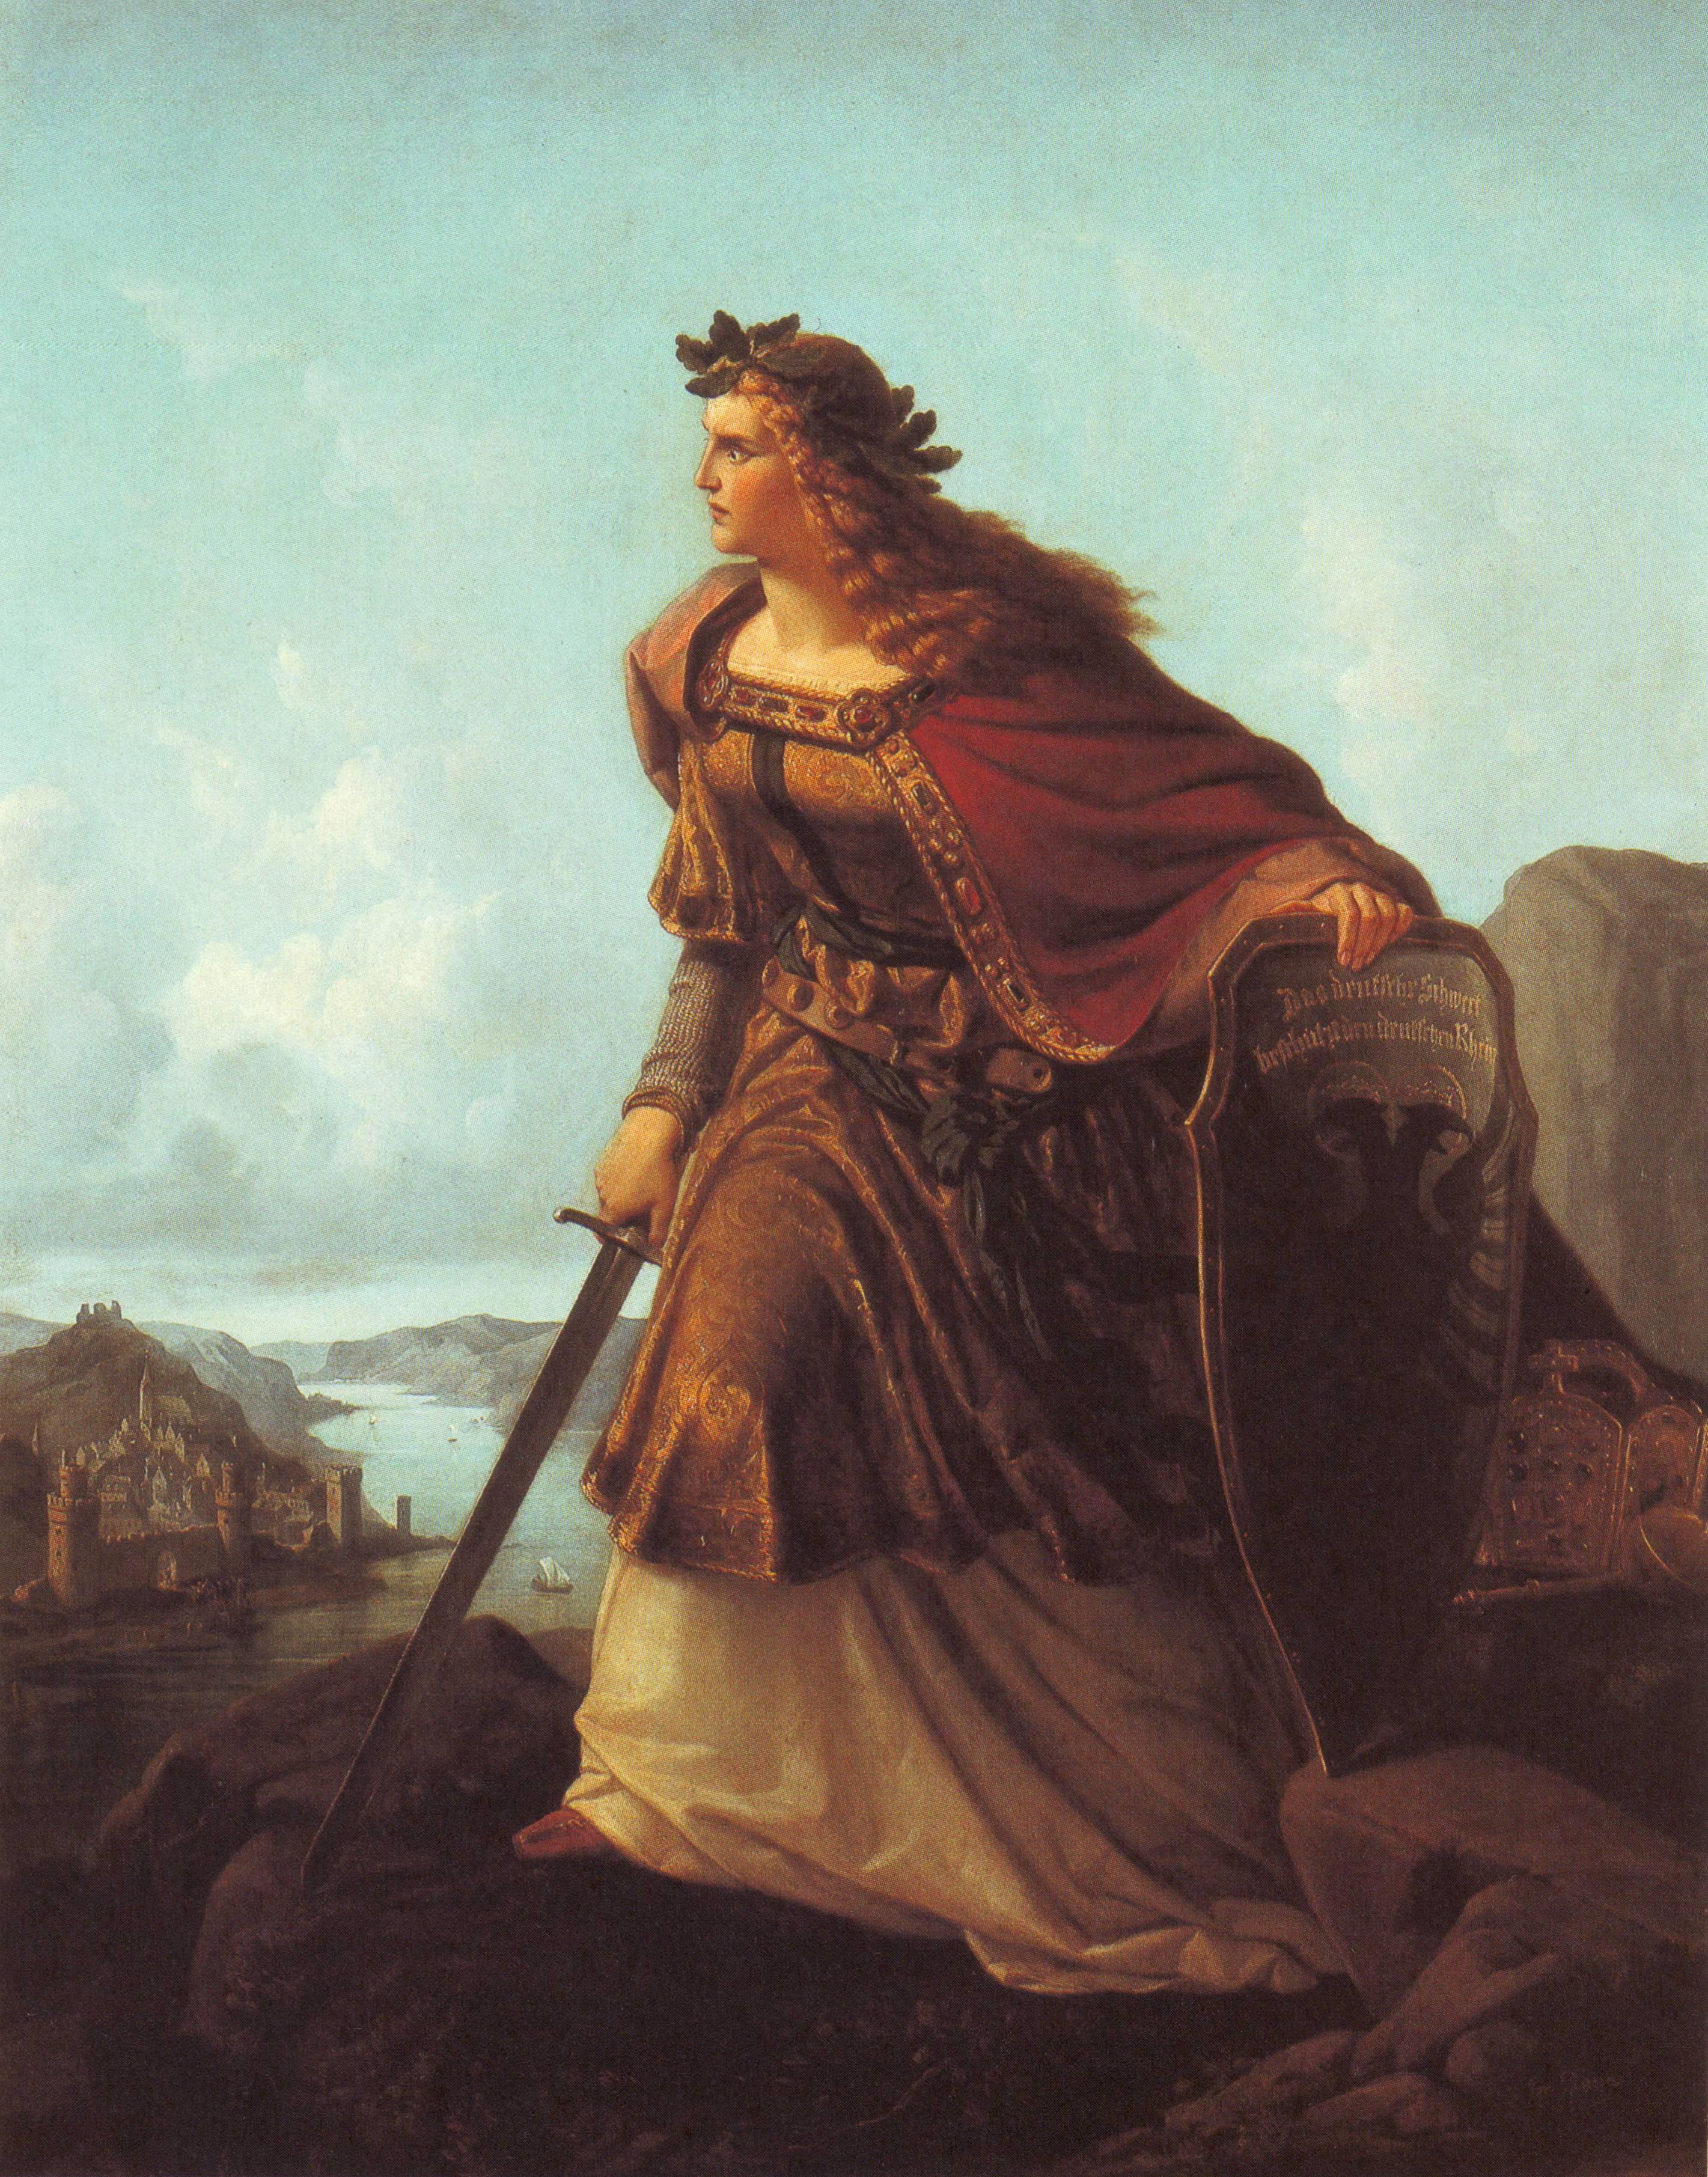 Lorenz Clasen 1860 - Germania auf der Wacht am Rhein.png